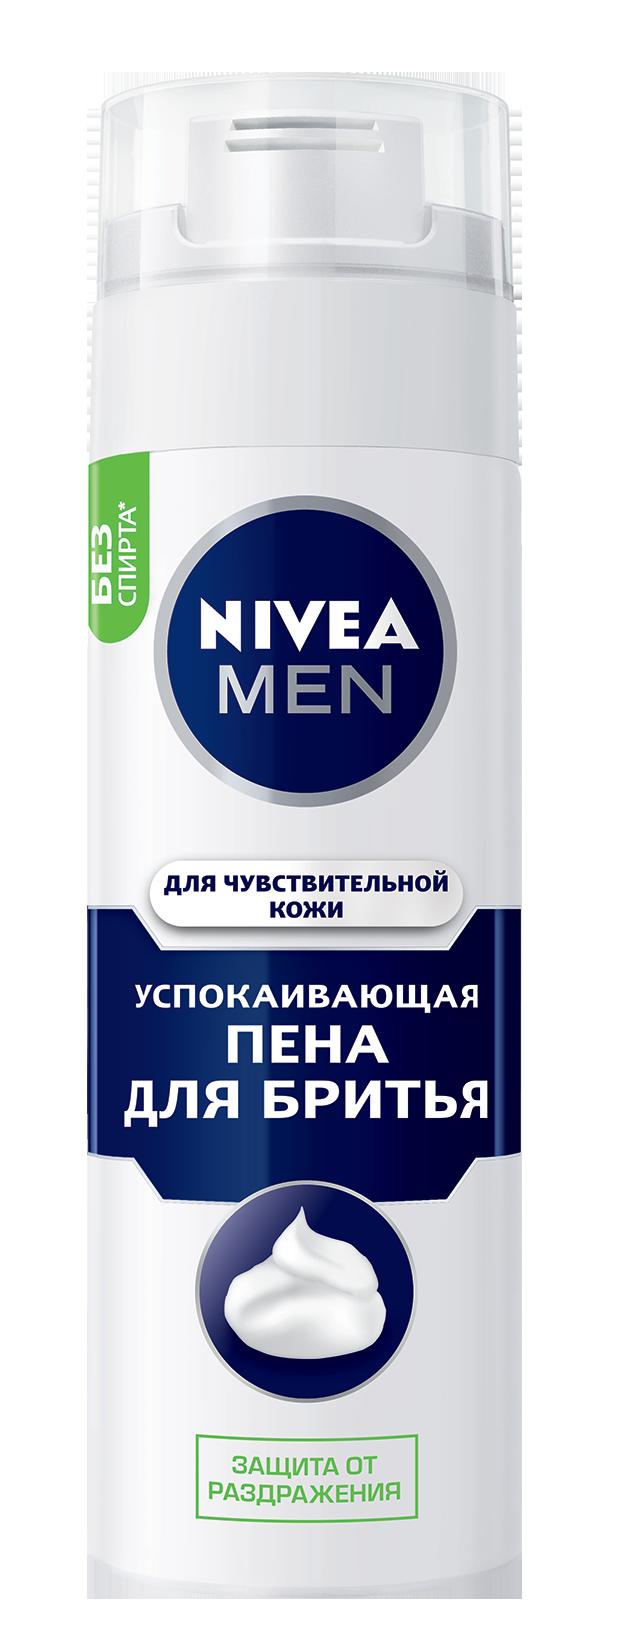 Пена для бритья NIVEA Men Восстанавливающая для чувствительной кожи, 200 мл